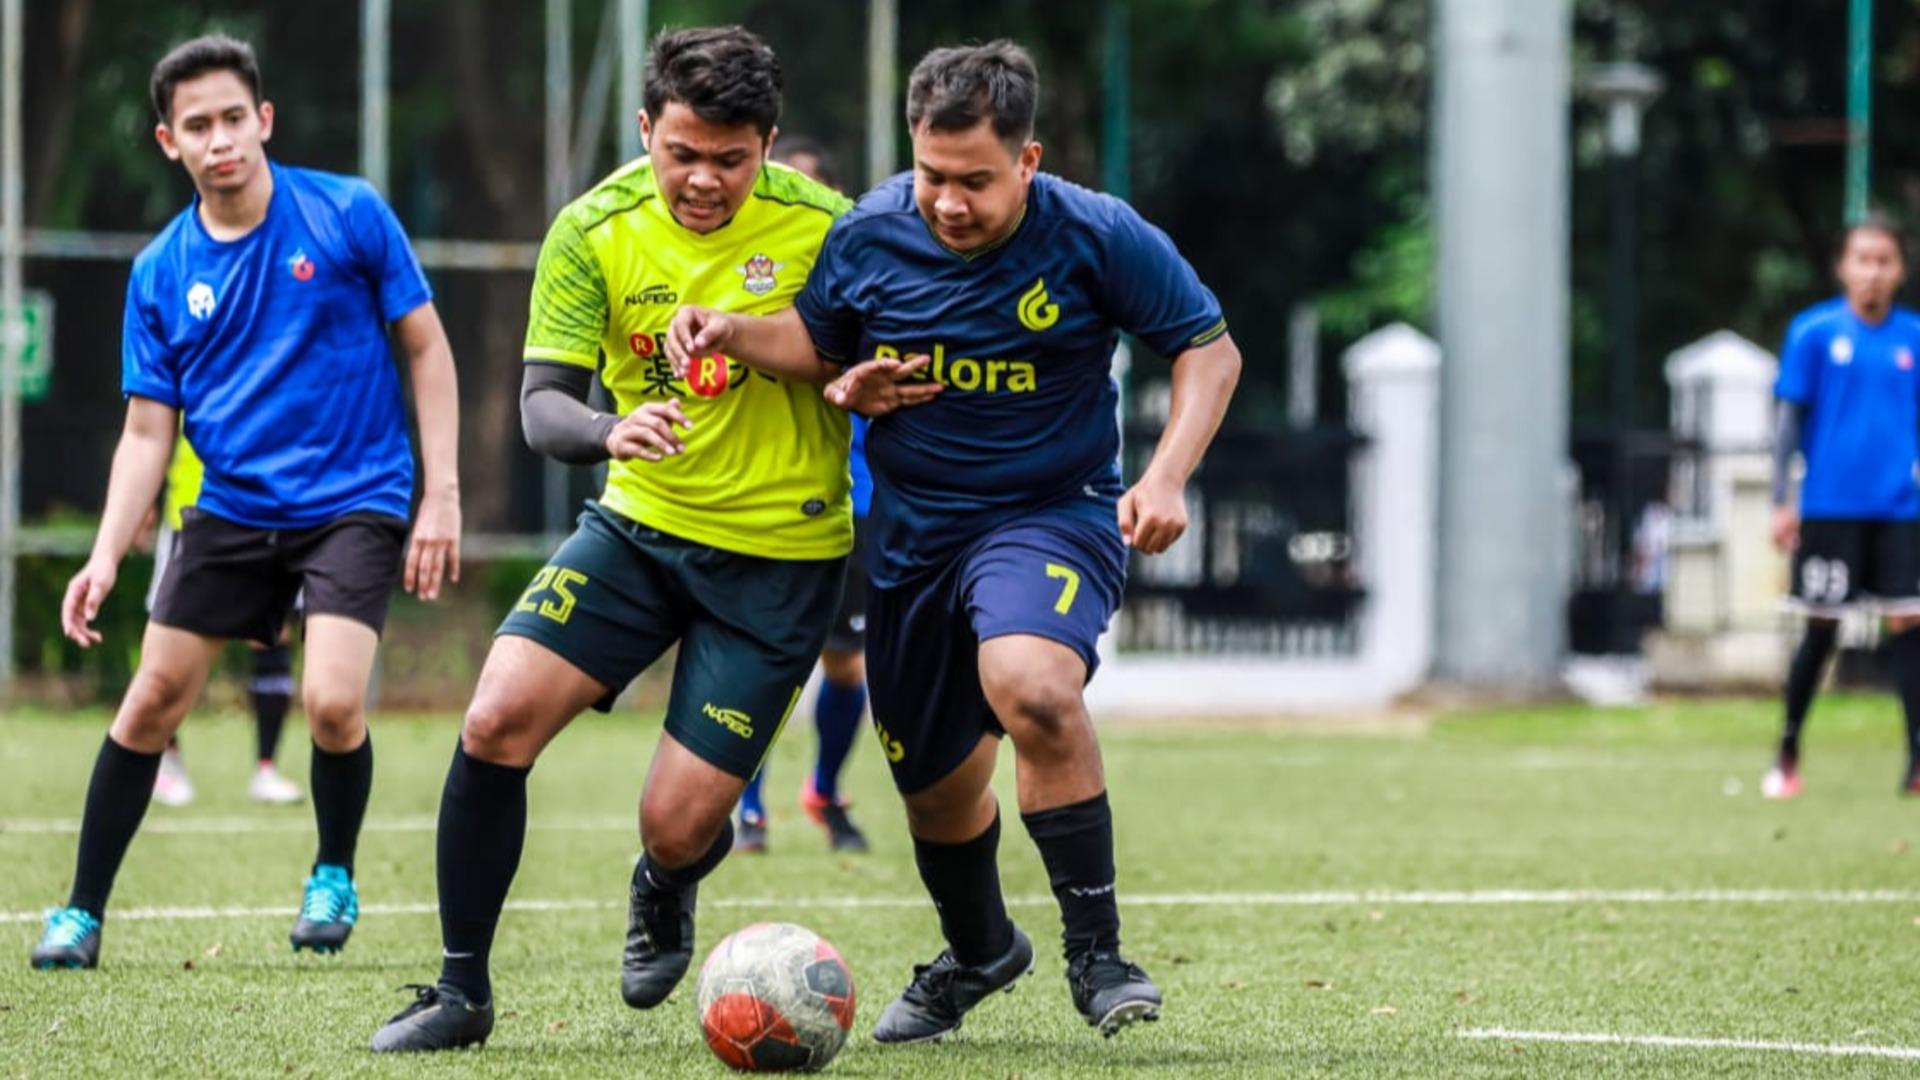 Gelora Football Senayan